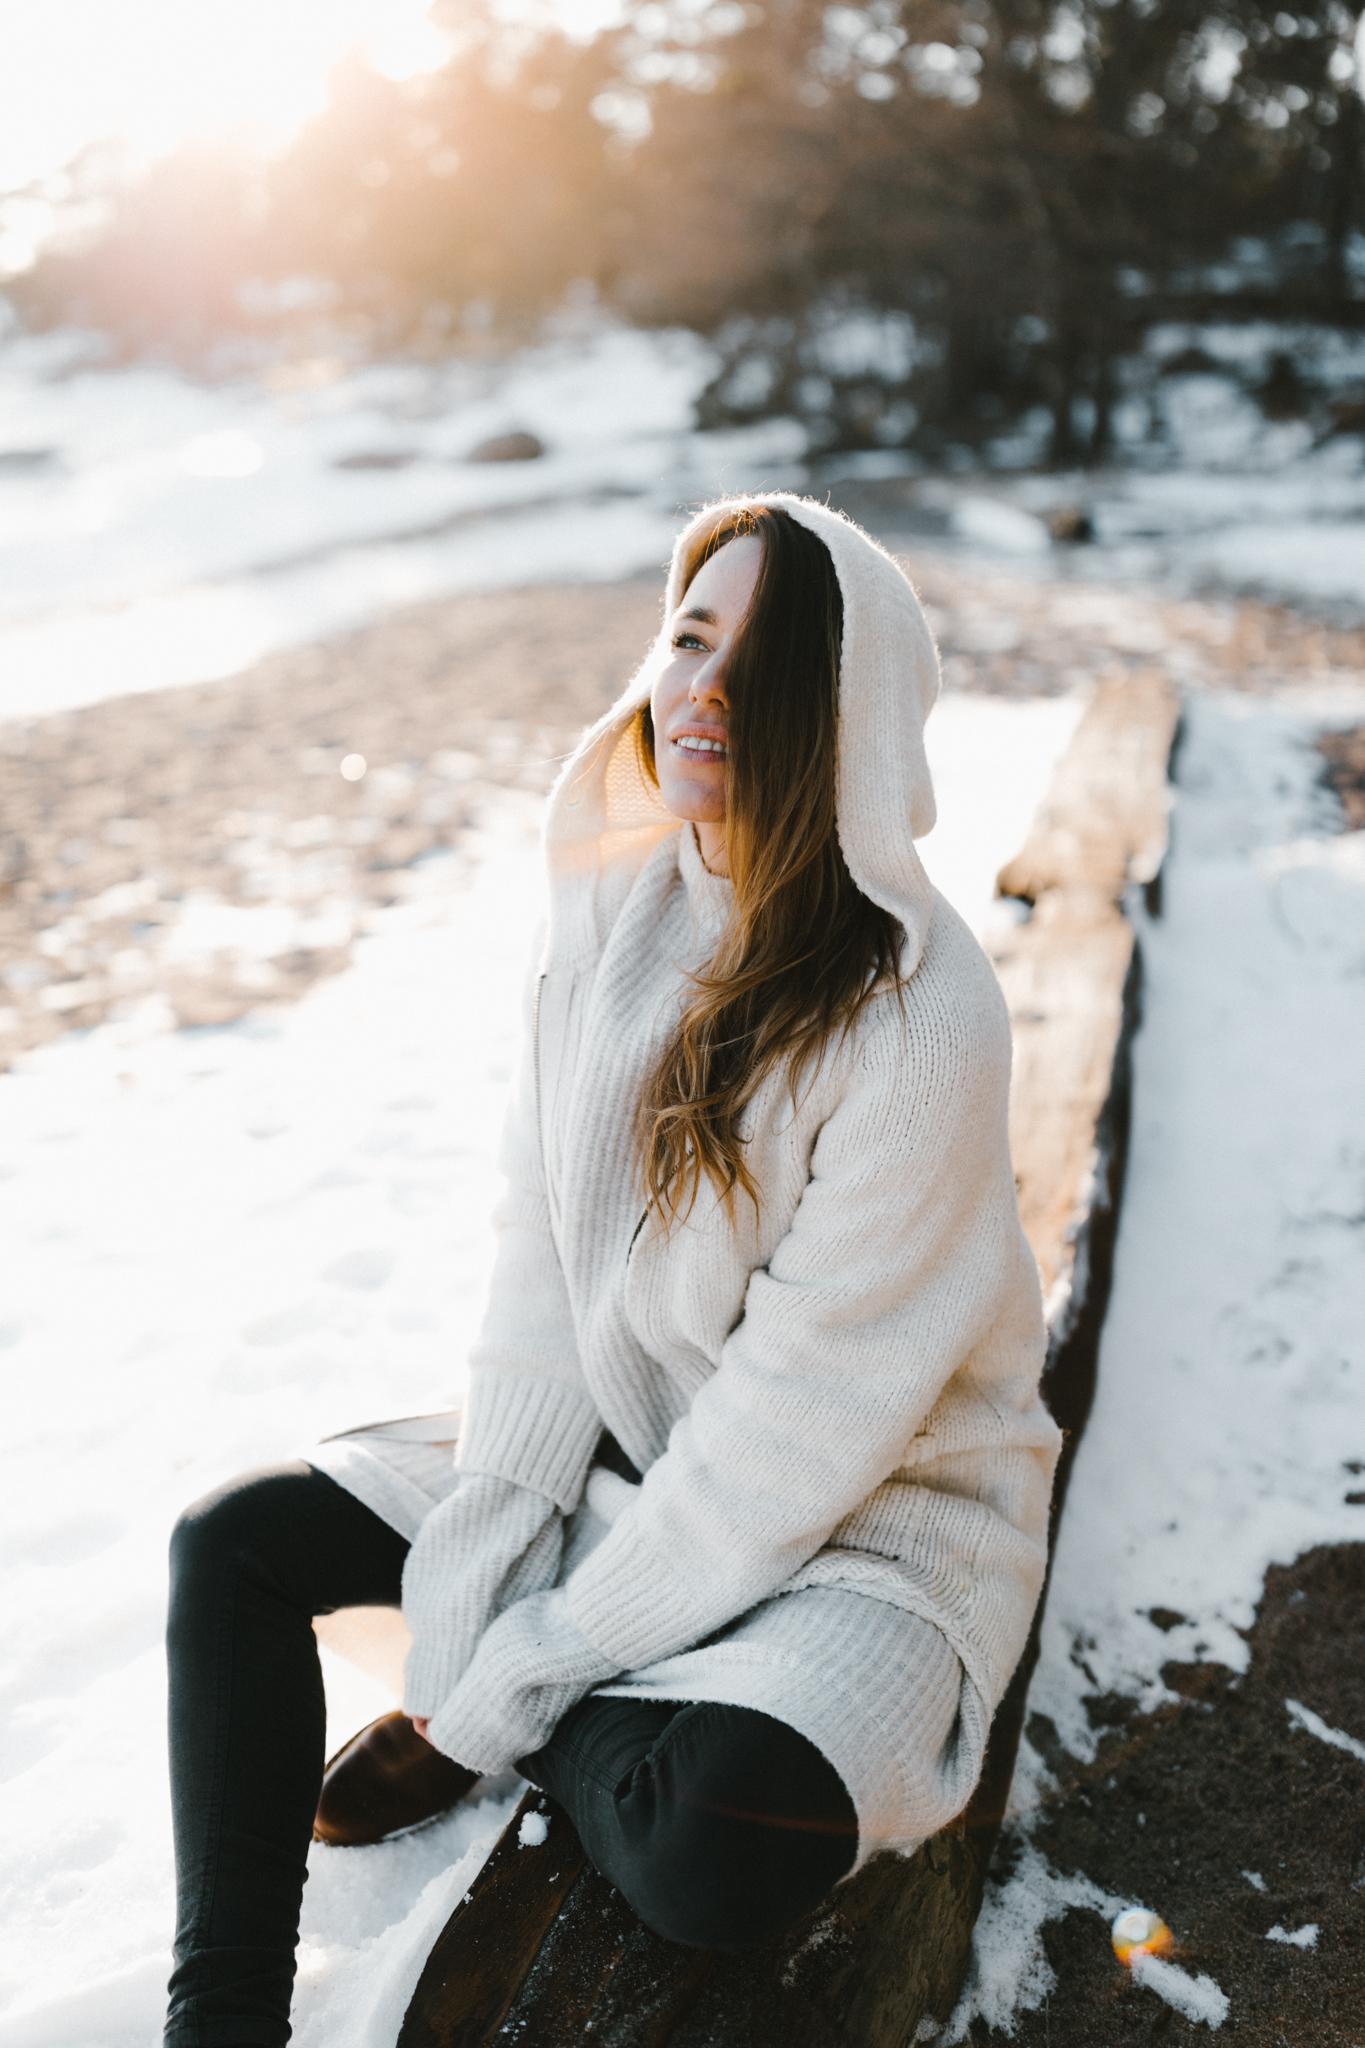 Julia Toivola -- Photos by Patrick Karkkolainen Photographer-107.jpg